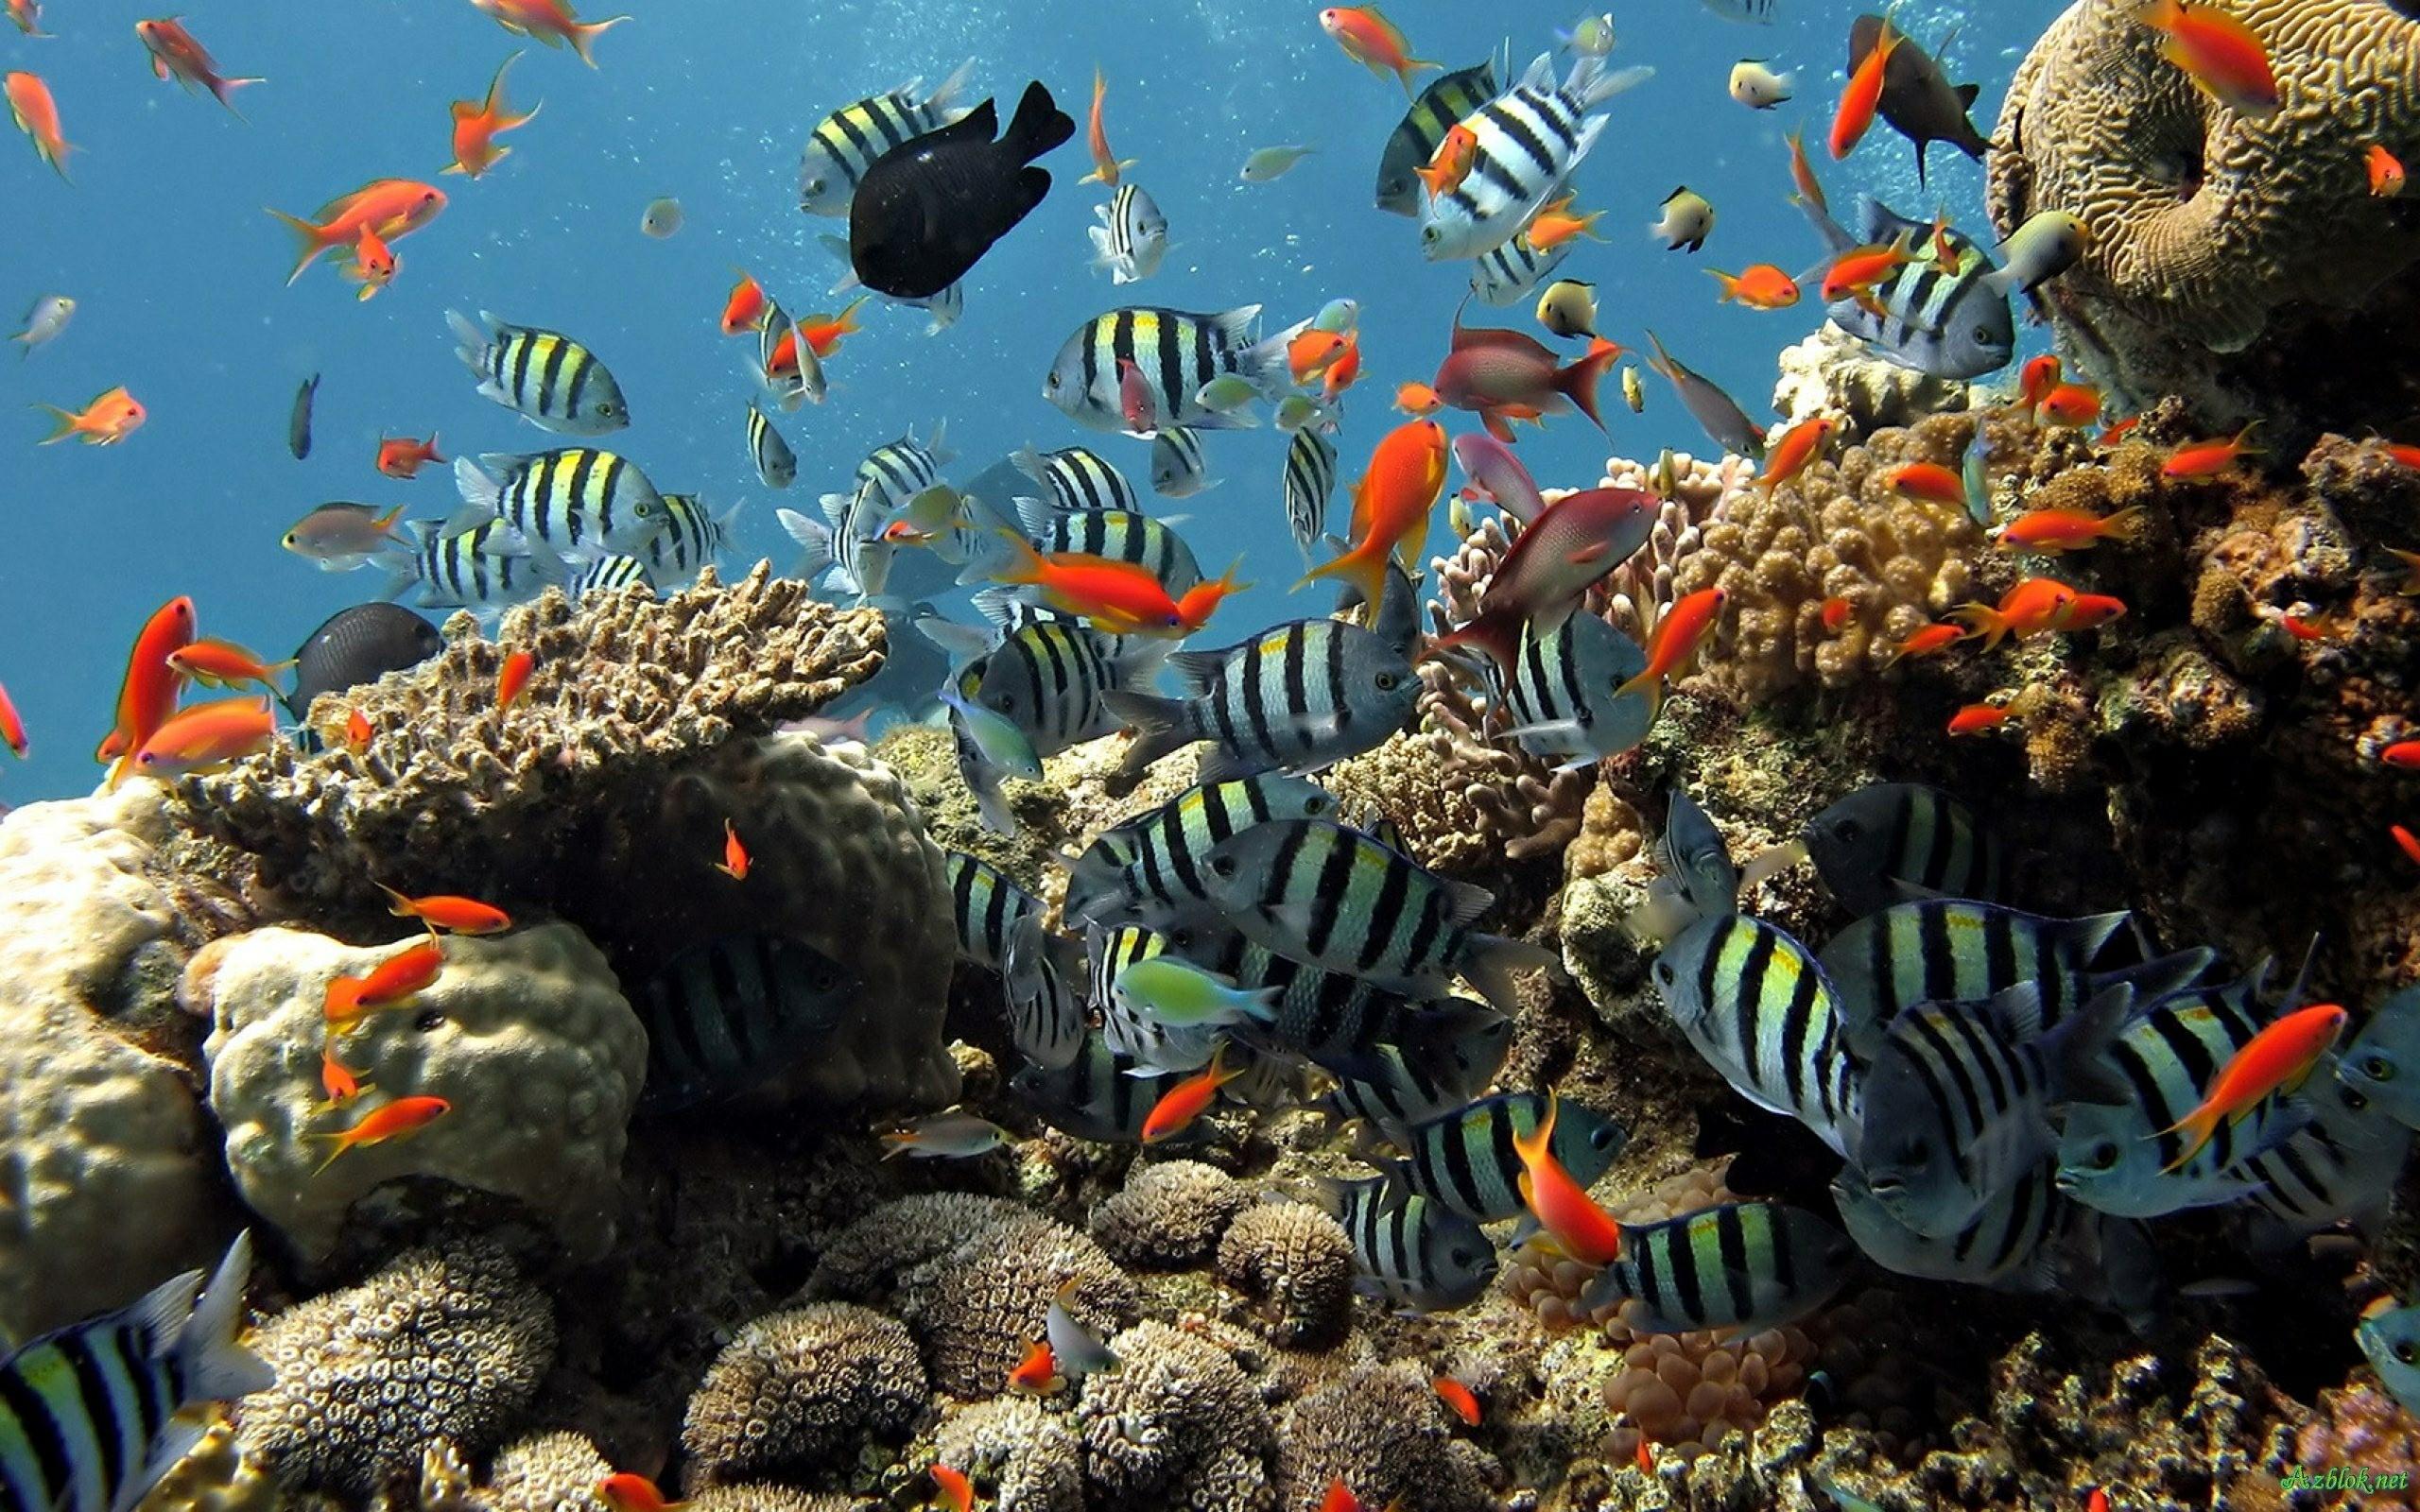 Res: 2560x1600, Free Live Hd Wallpaper Aquarium 3d Desktop Aquarium 3d Mac Live Wallpaper  Download Desktop Aquarium 3d Mac Live Wallpaper Download